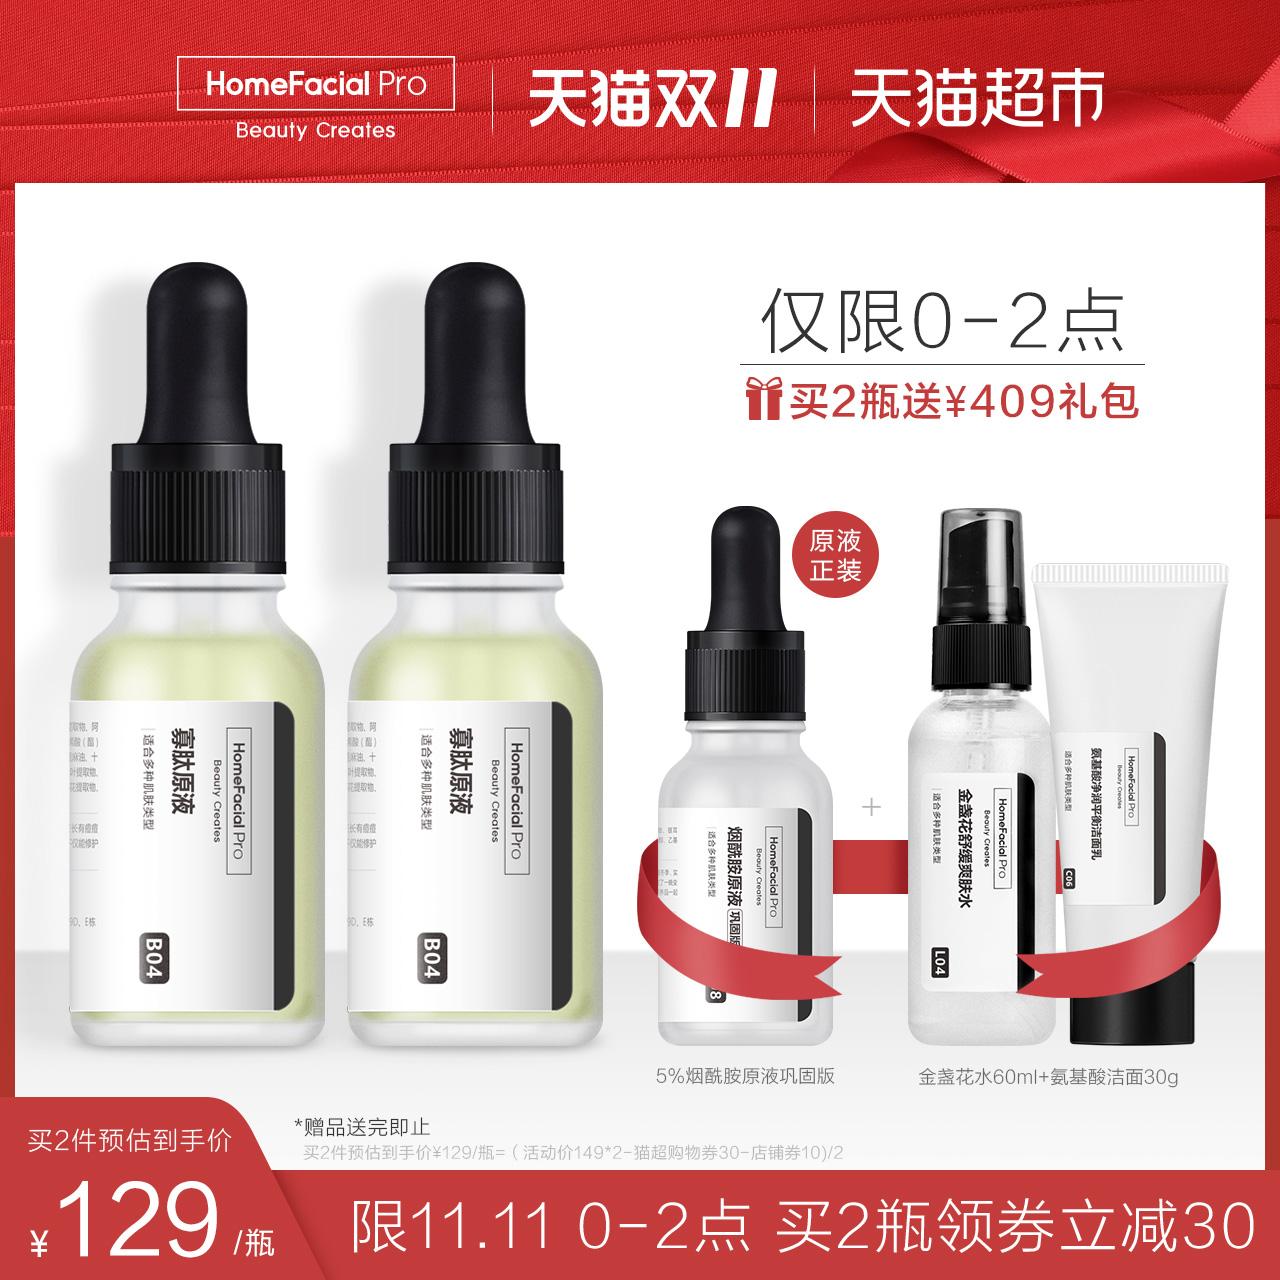 HFP寡肽原液祛痘修护淡化痘印改善泛红修护痘肌冻干粉正品男女